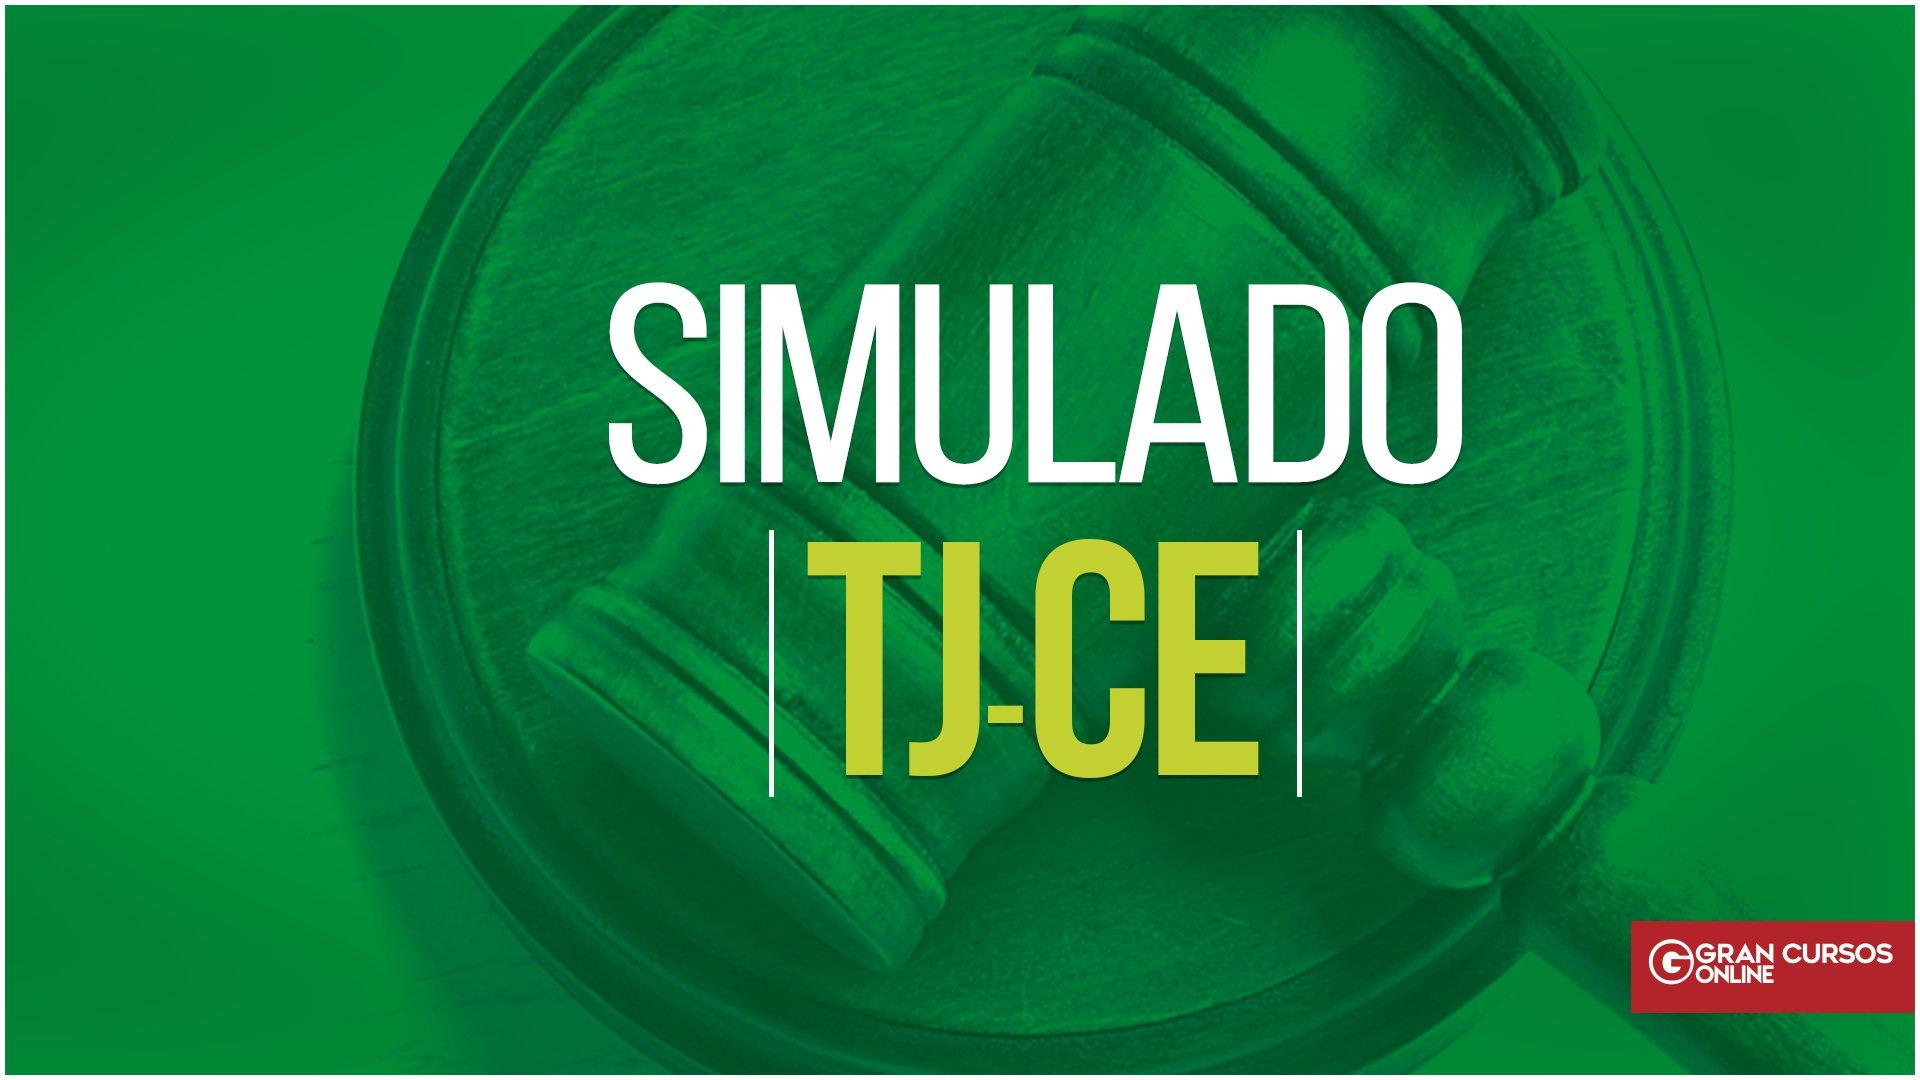 Simulado TJCE_YT_1920x1080_sem data